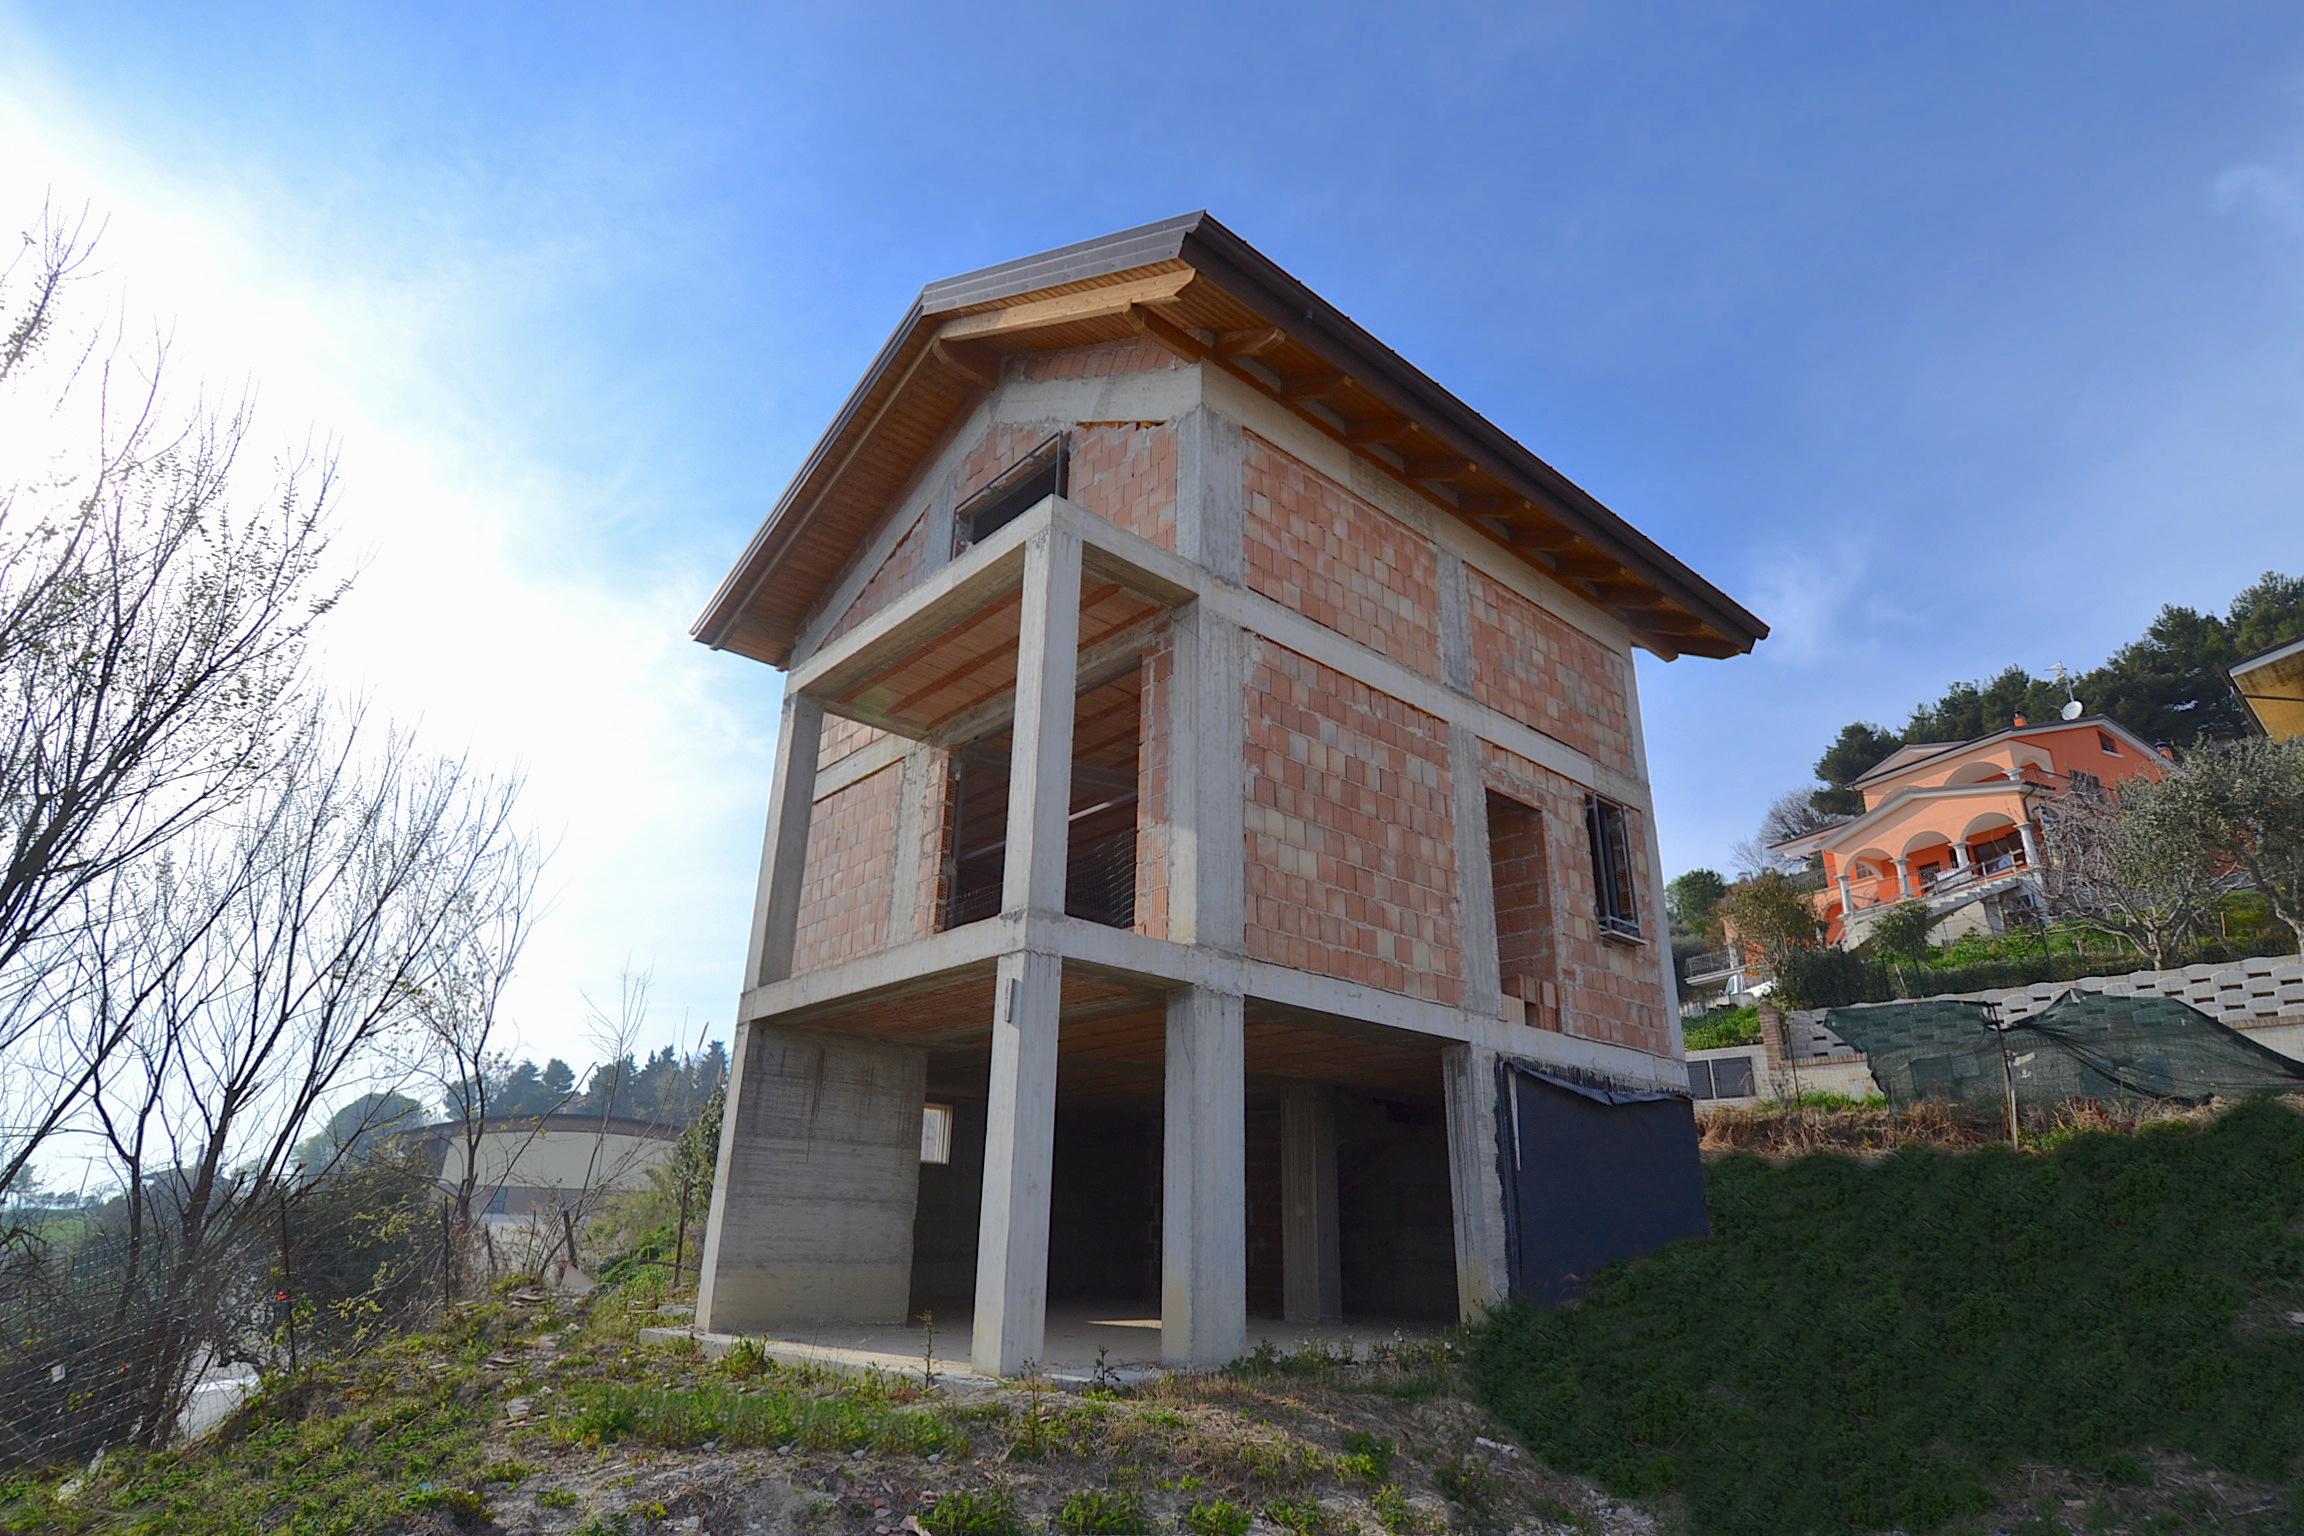 Italia Bagno Srl Colonnella.Villa In Vendita A Colonnella Cod 26356